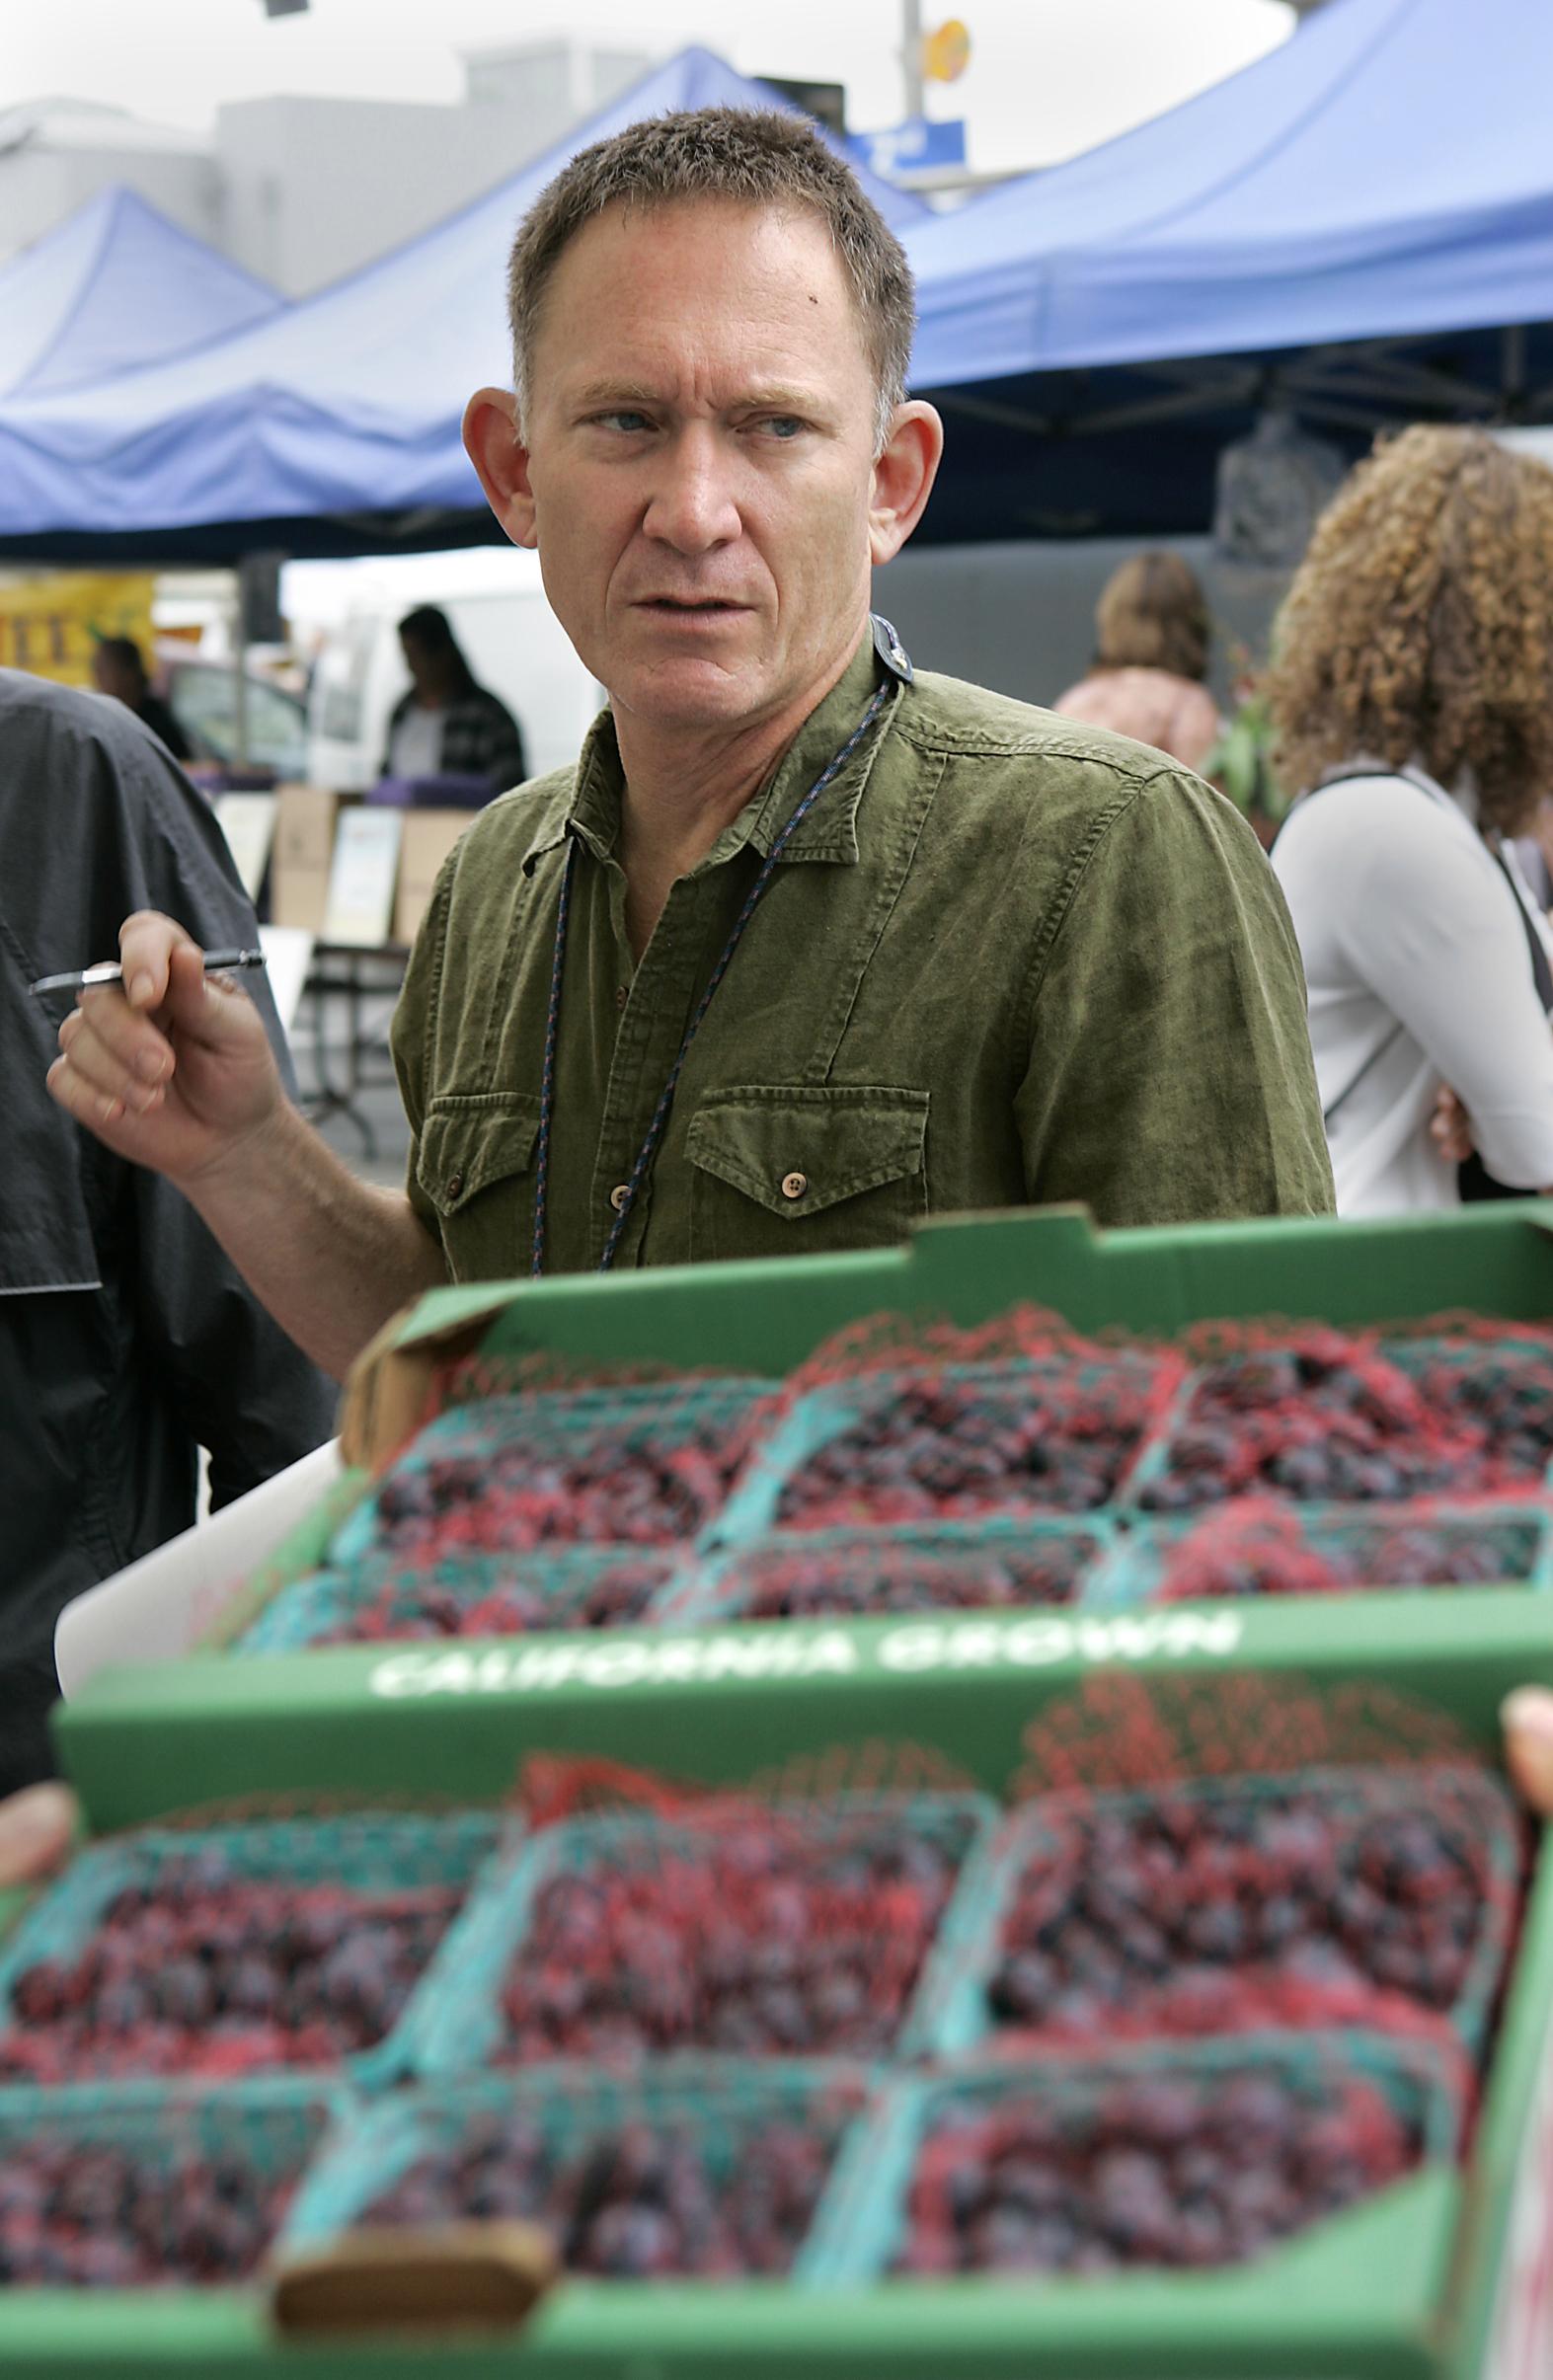 图为厨师马克皮尔在圣塔莫尼卡农贸市场购买浆果。